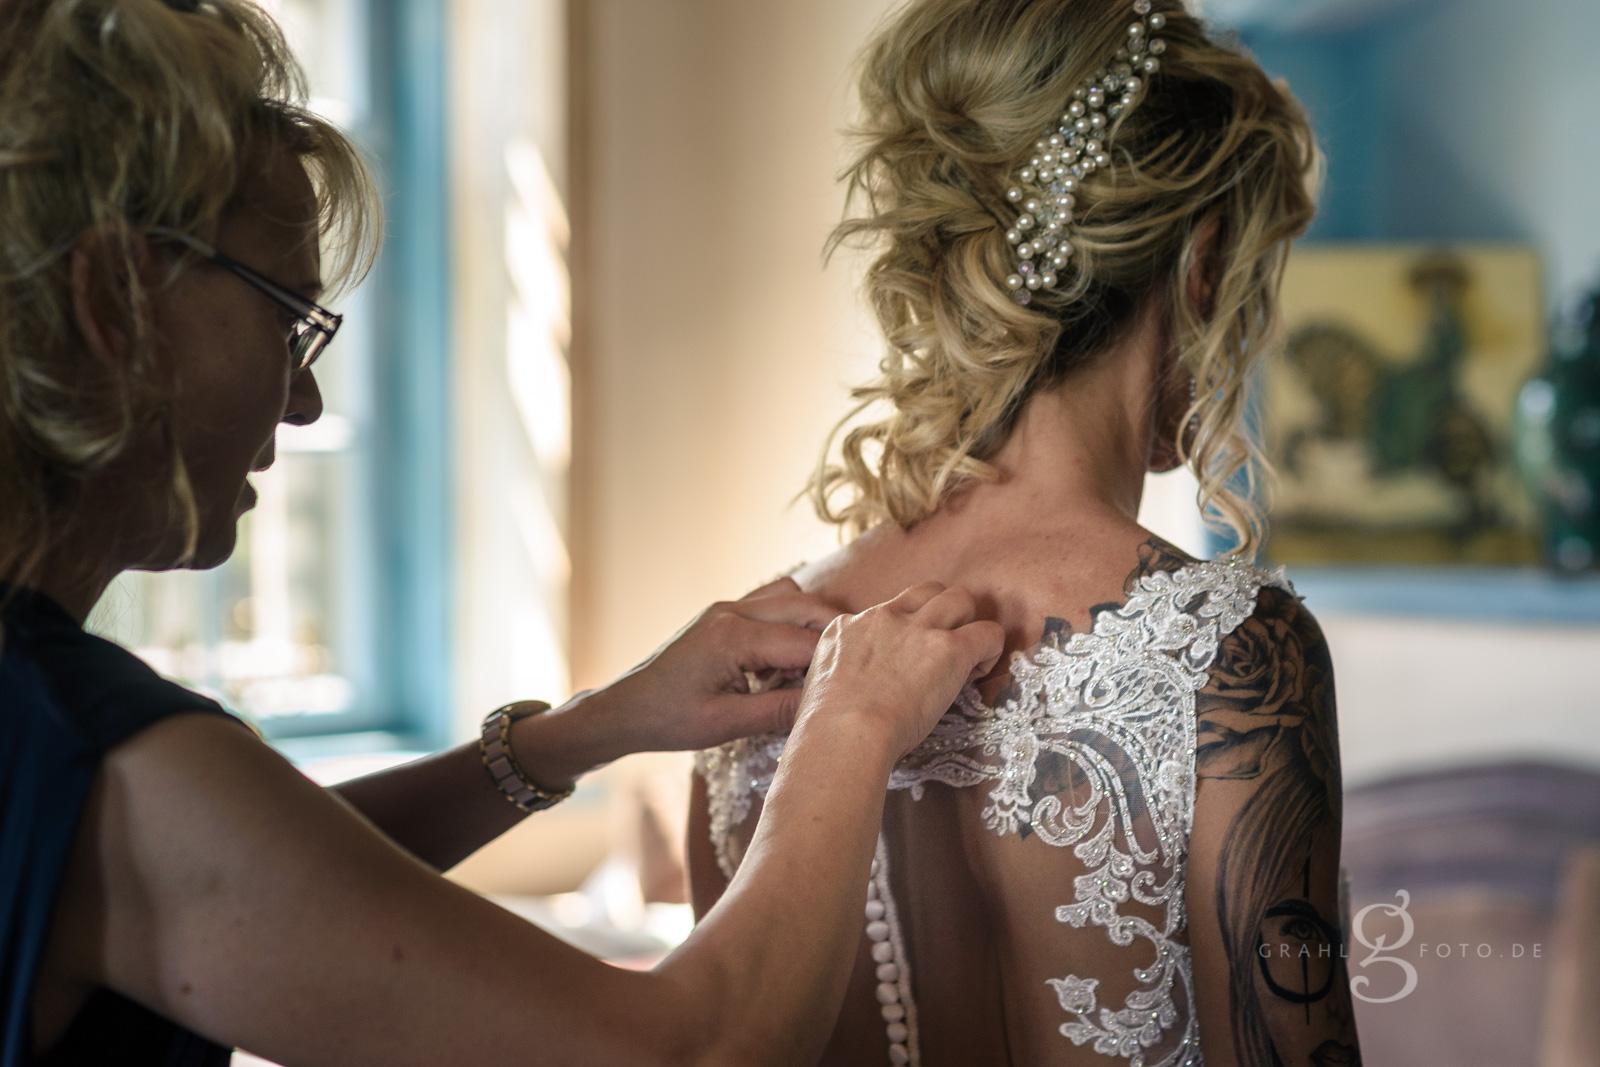 Grahlfoto Cordula Maria Grahl Hochzeit Fotografie Schloss Scharfenberg